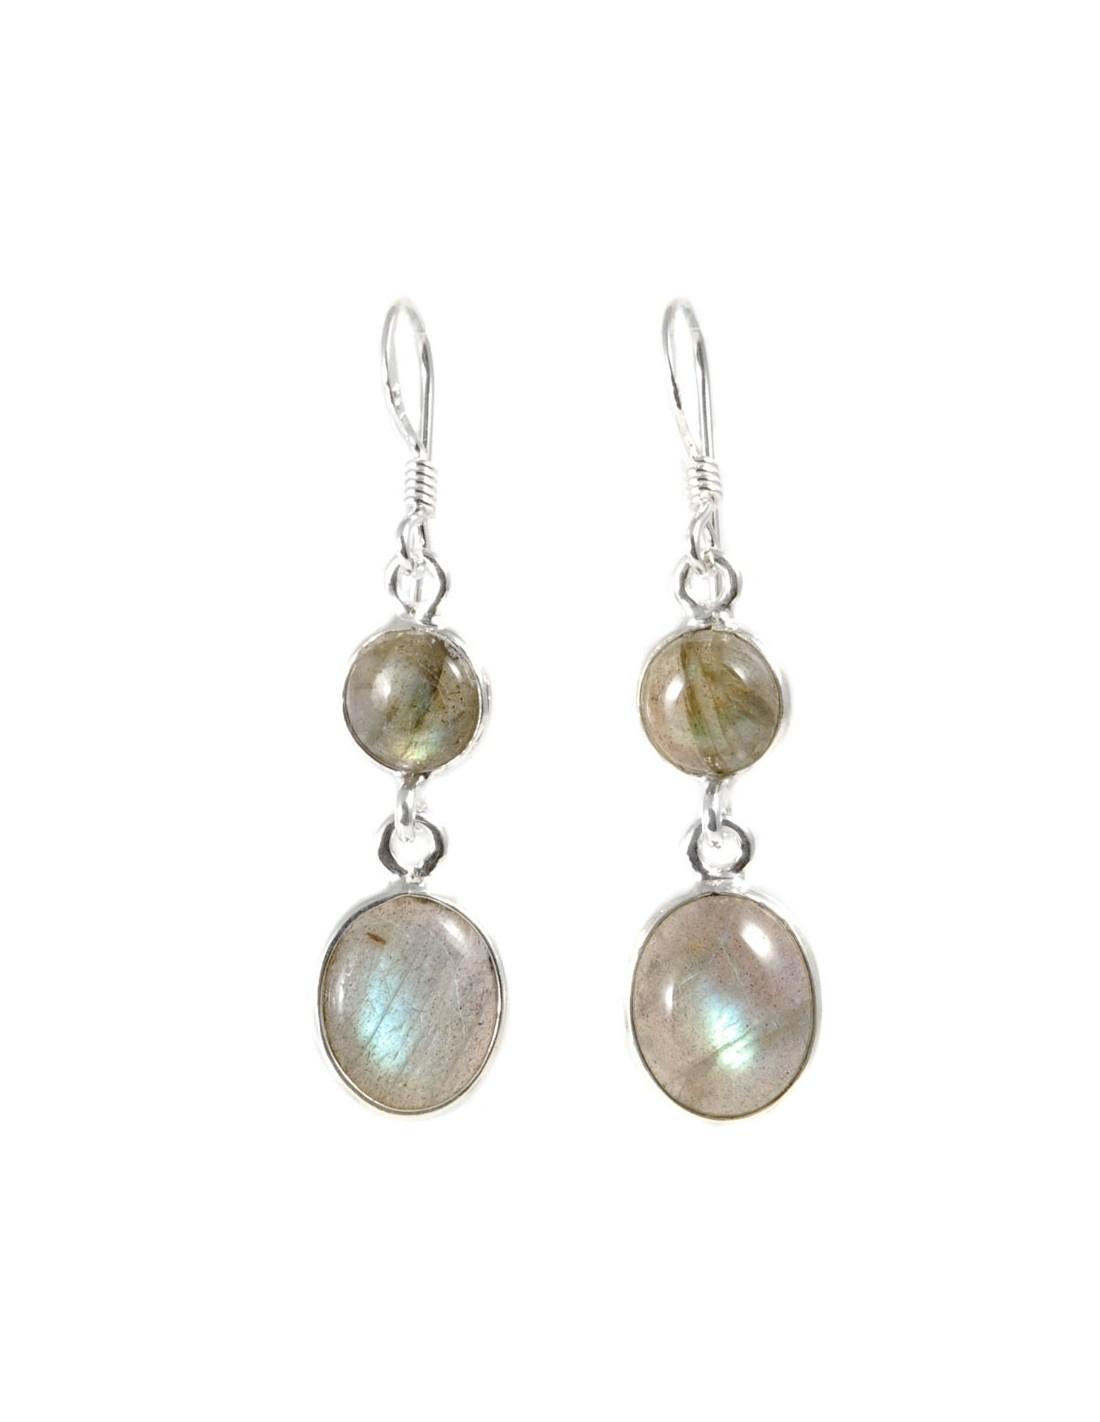 Boucle d 39 oreilles avec pierre ronde et ovale boutique nirvana - Grosses boucles d oreilles pendantes ...